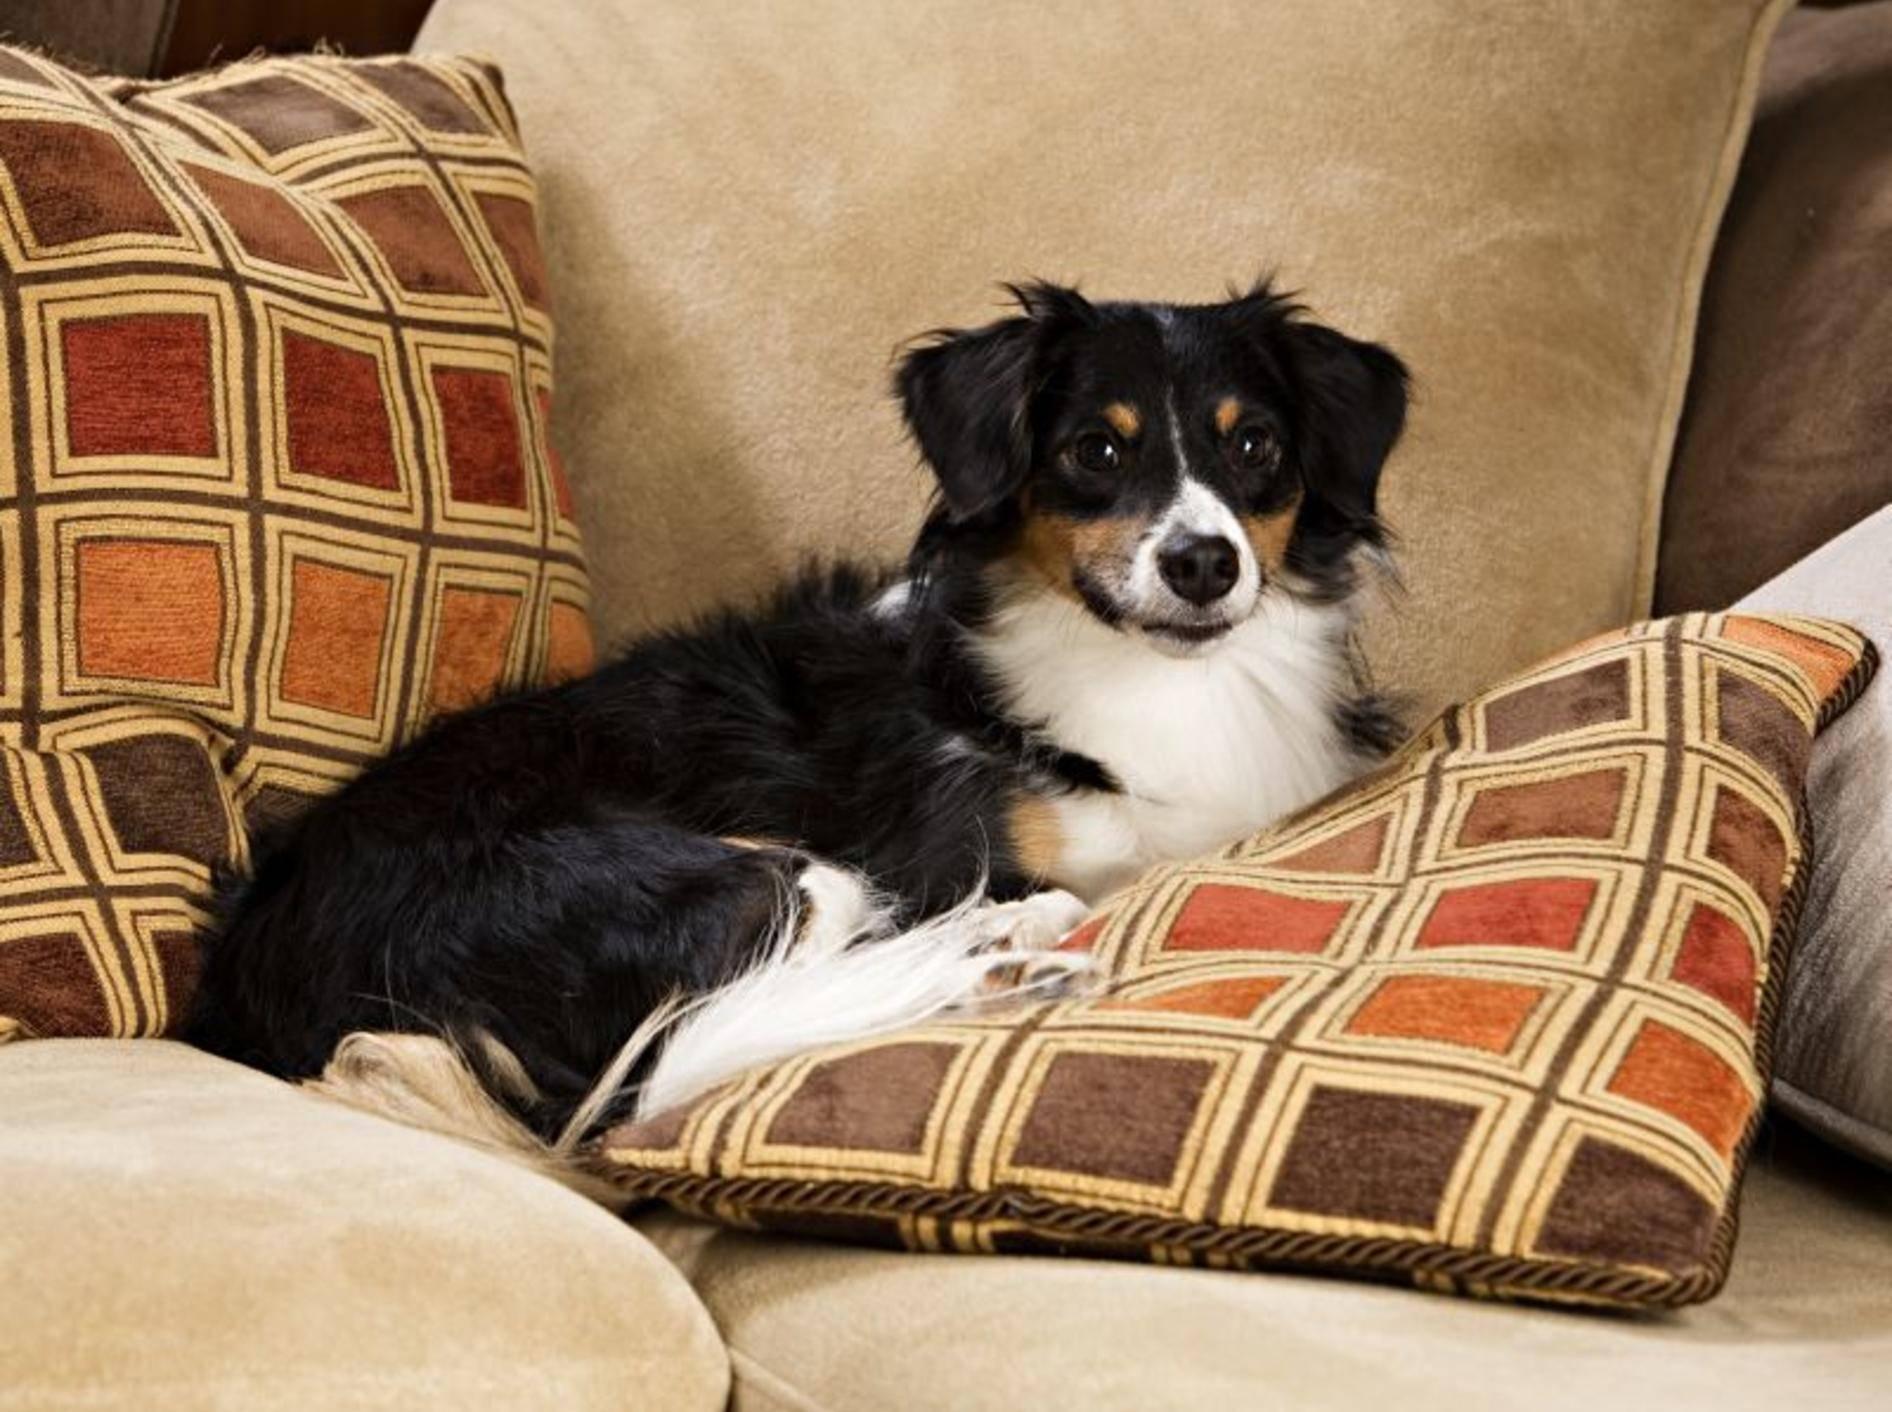 Nicht in jedem Haushalt erwünscht: Das Liegen auf der Couch – Bild: Shutterstock / Michelle D. Milliman